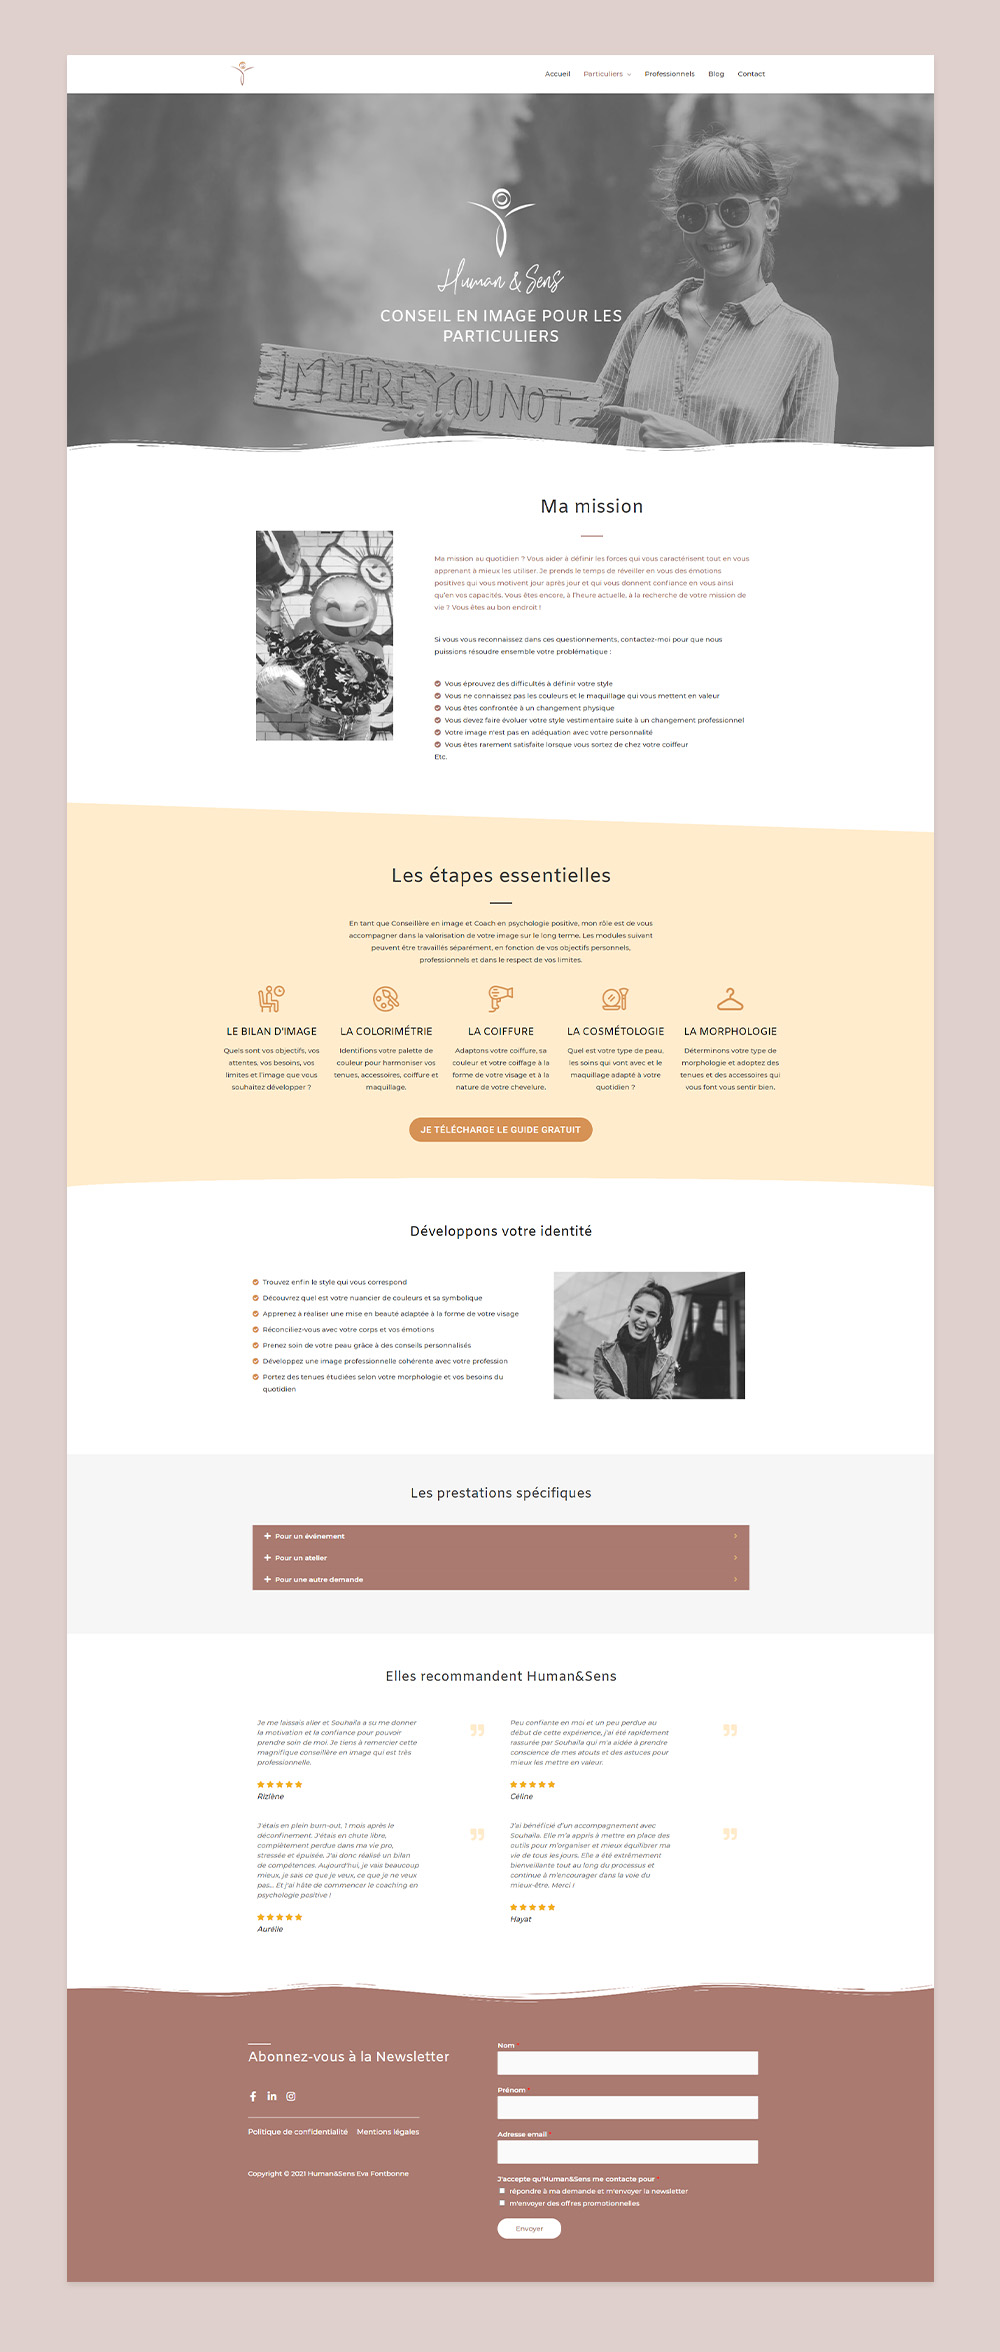 Création de site internet en freelance - Human&Sens